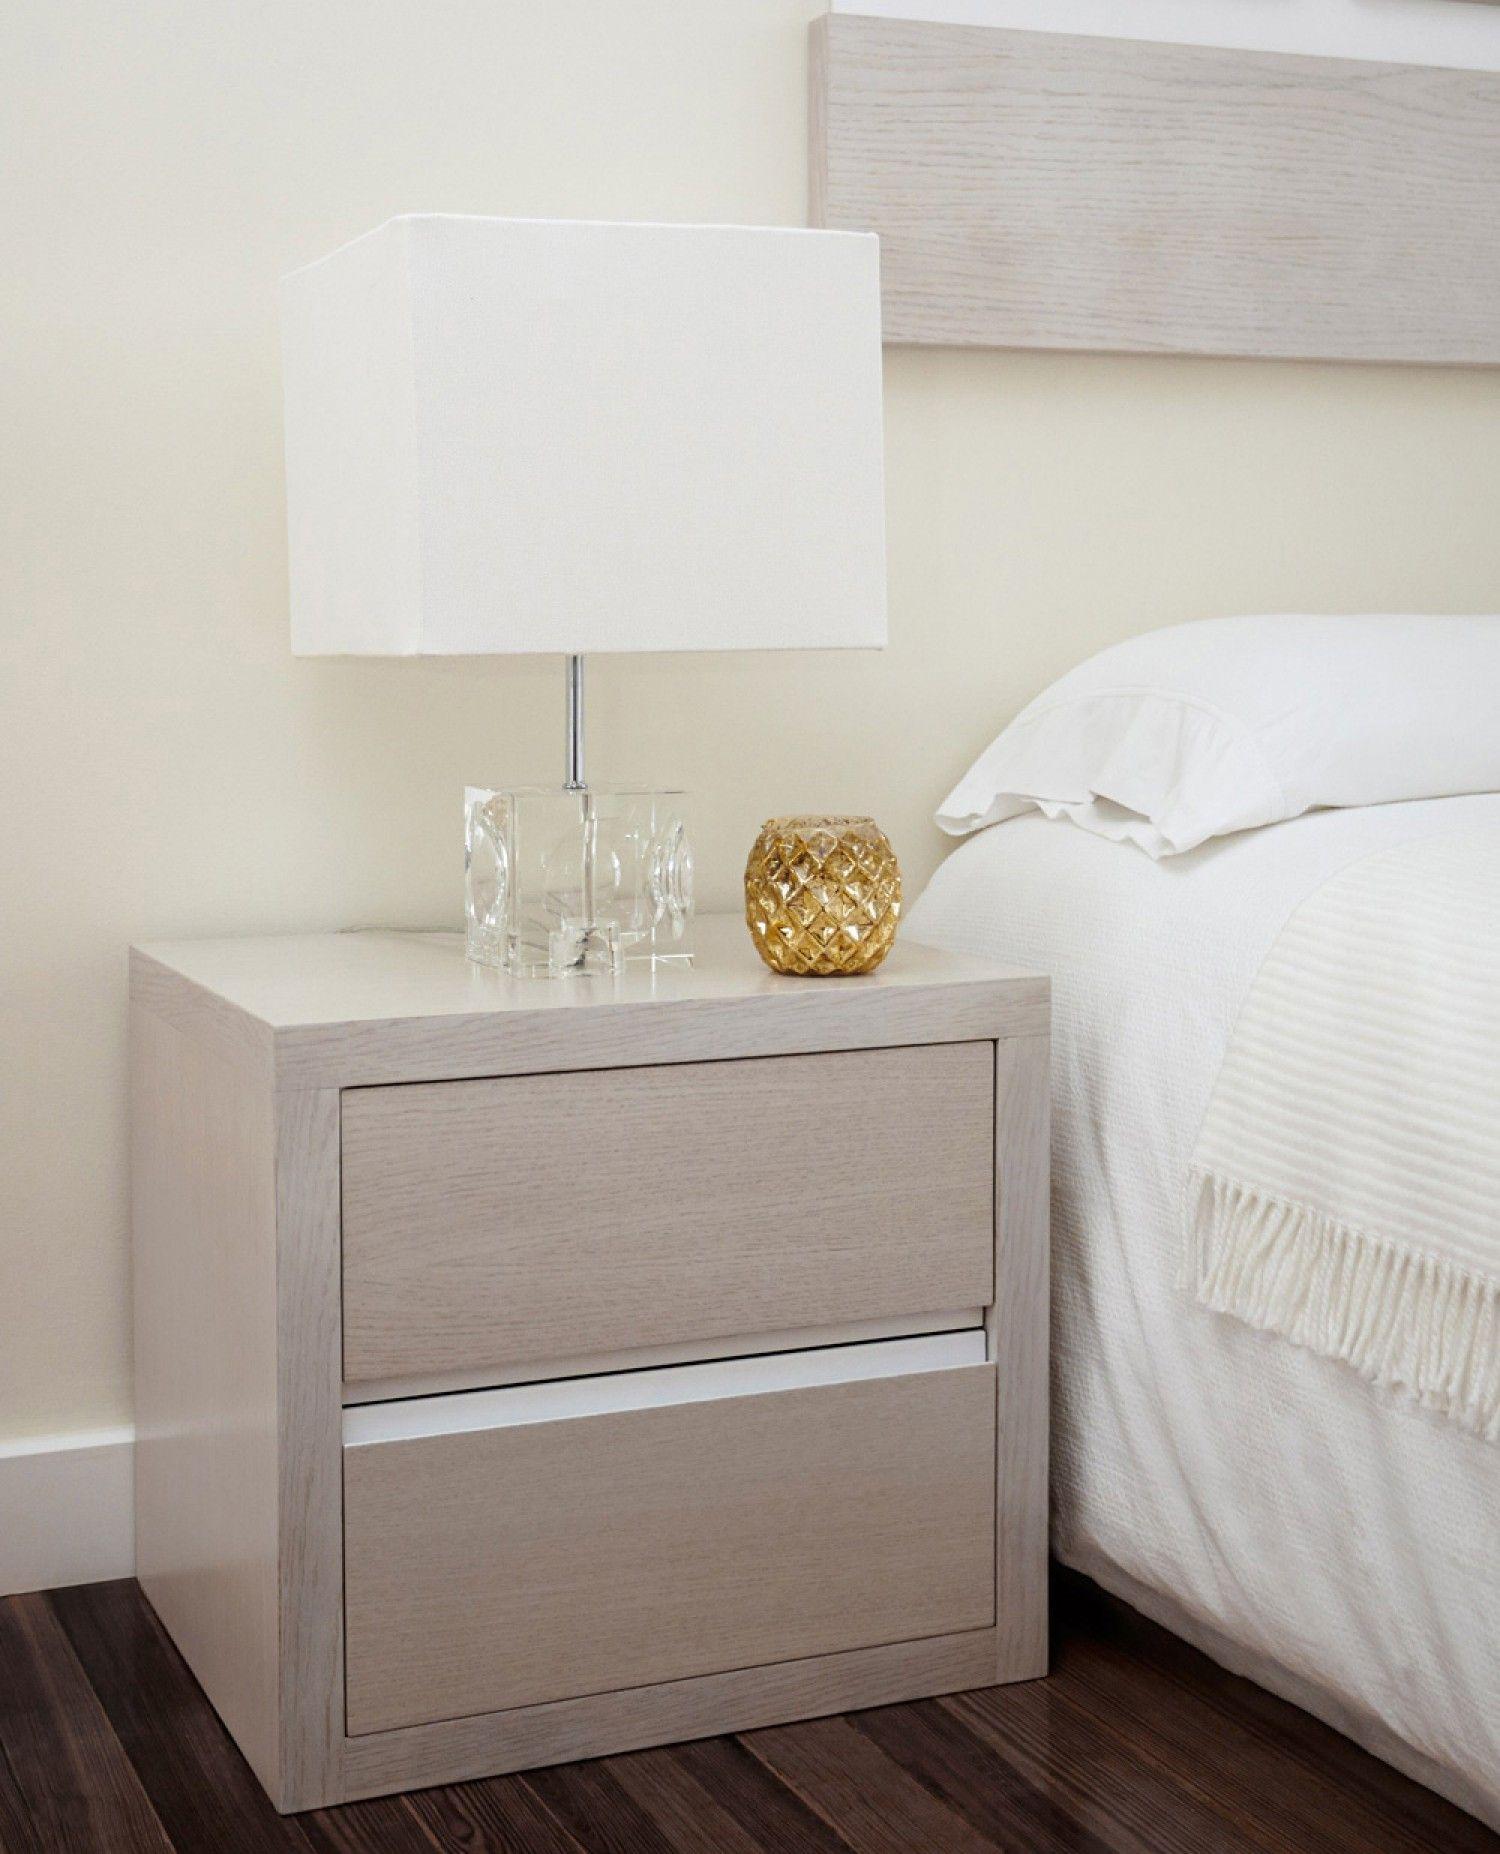 Mesilla de noche adelaida muebles dormitorio - Mesillas de noche diseno ...